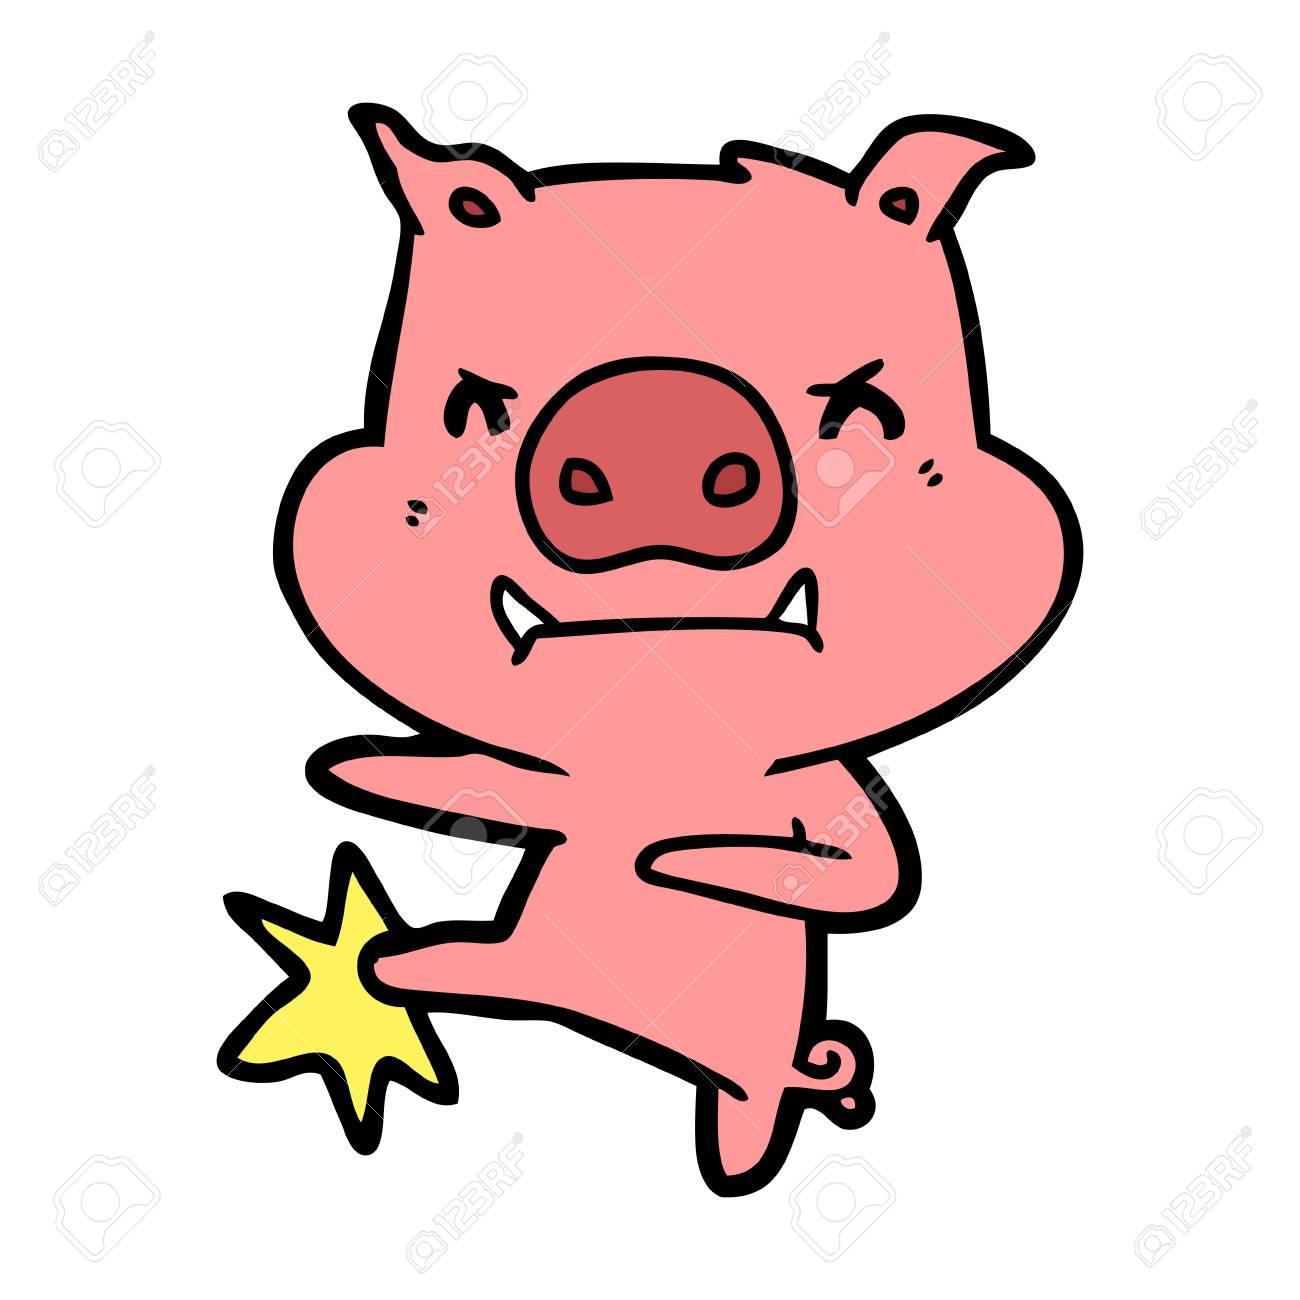 Pig clipart six. Free download clip art